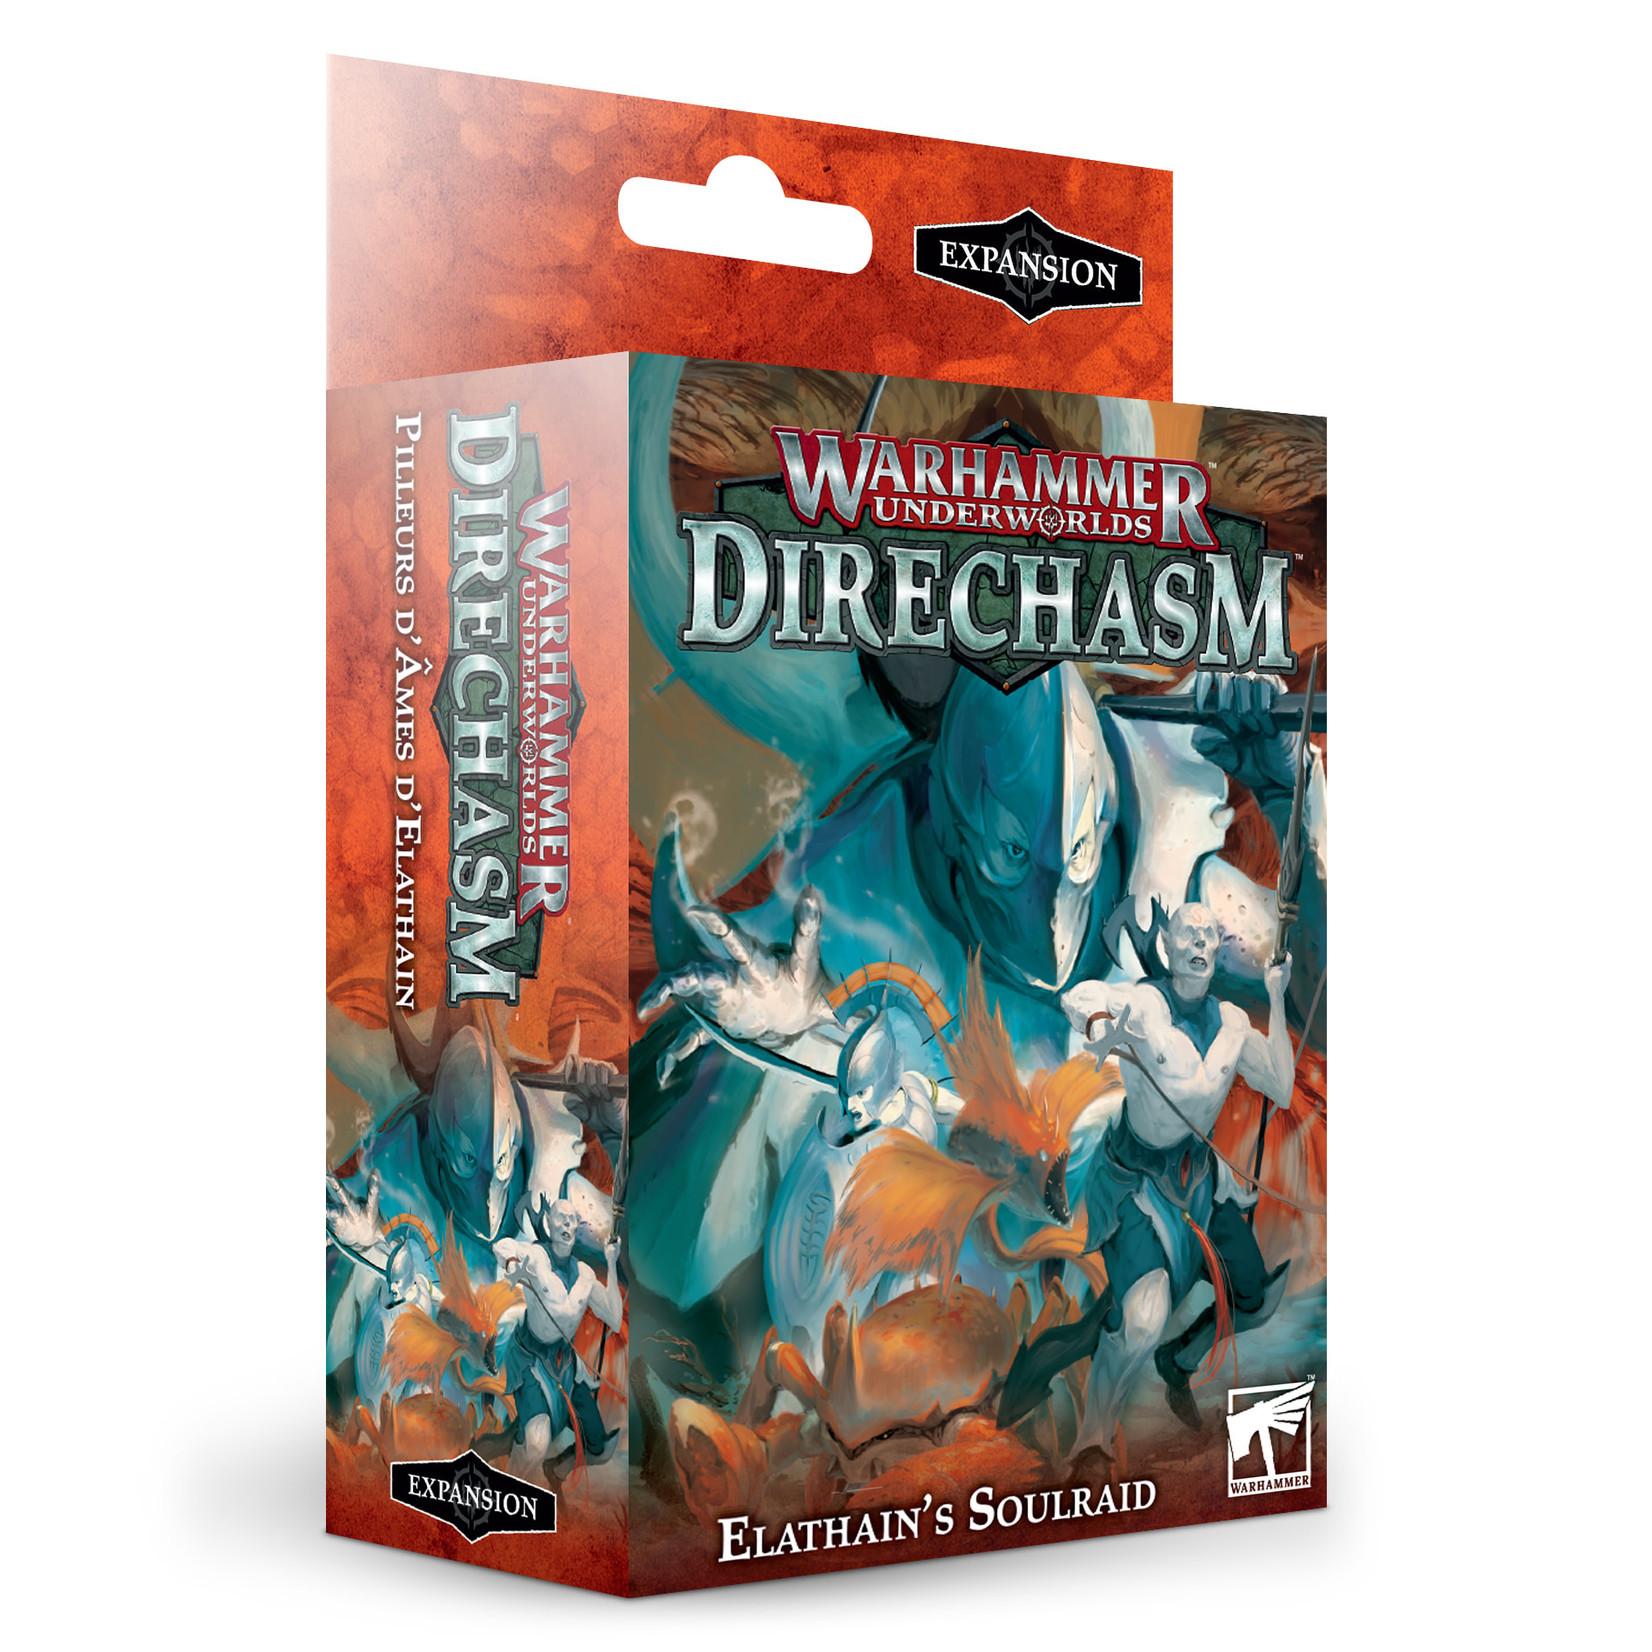 Games Workshop Warhammer Underworlds – Elathain's Soulraid